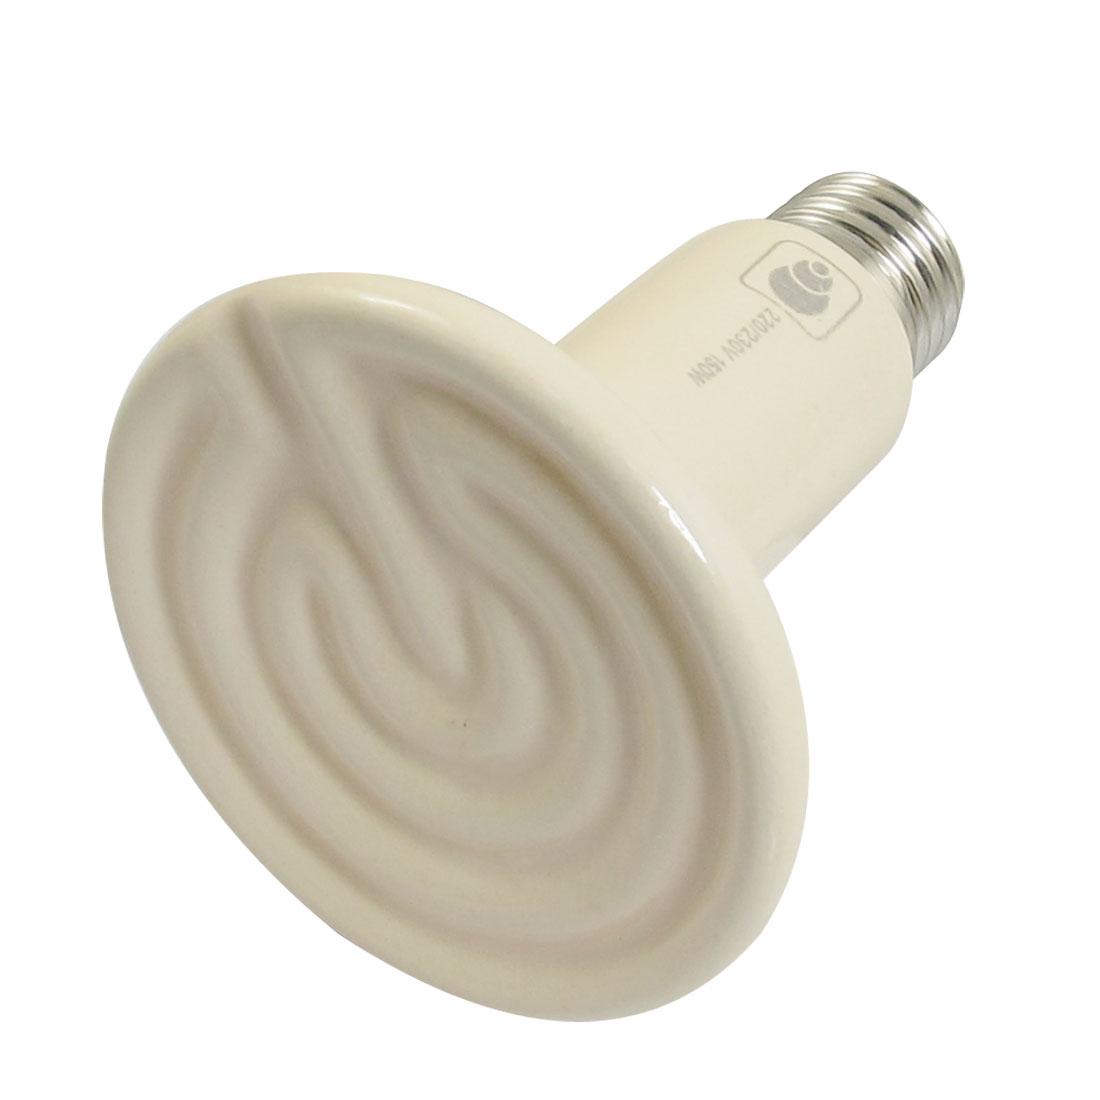 AC 220-230V 150W Ceramic Emitter Heater Pet Reptile Heat Lamp Bulb Beige